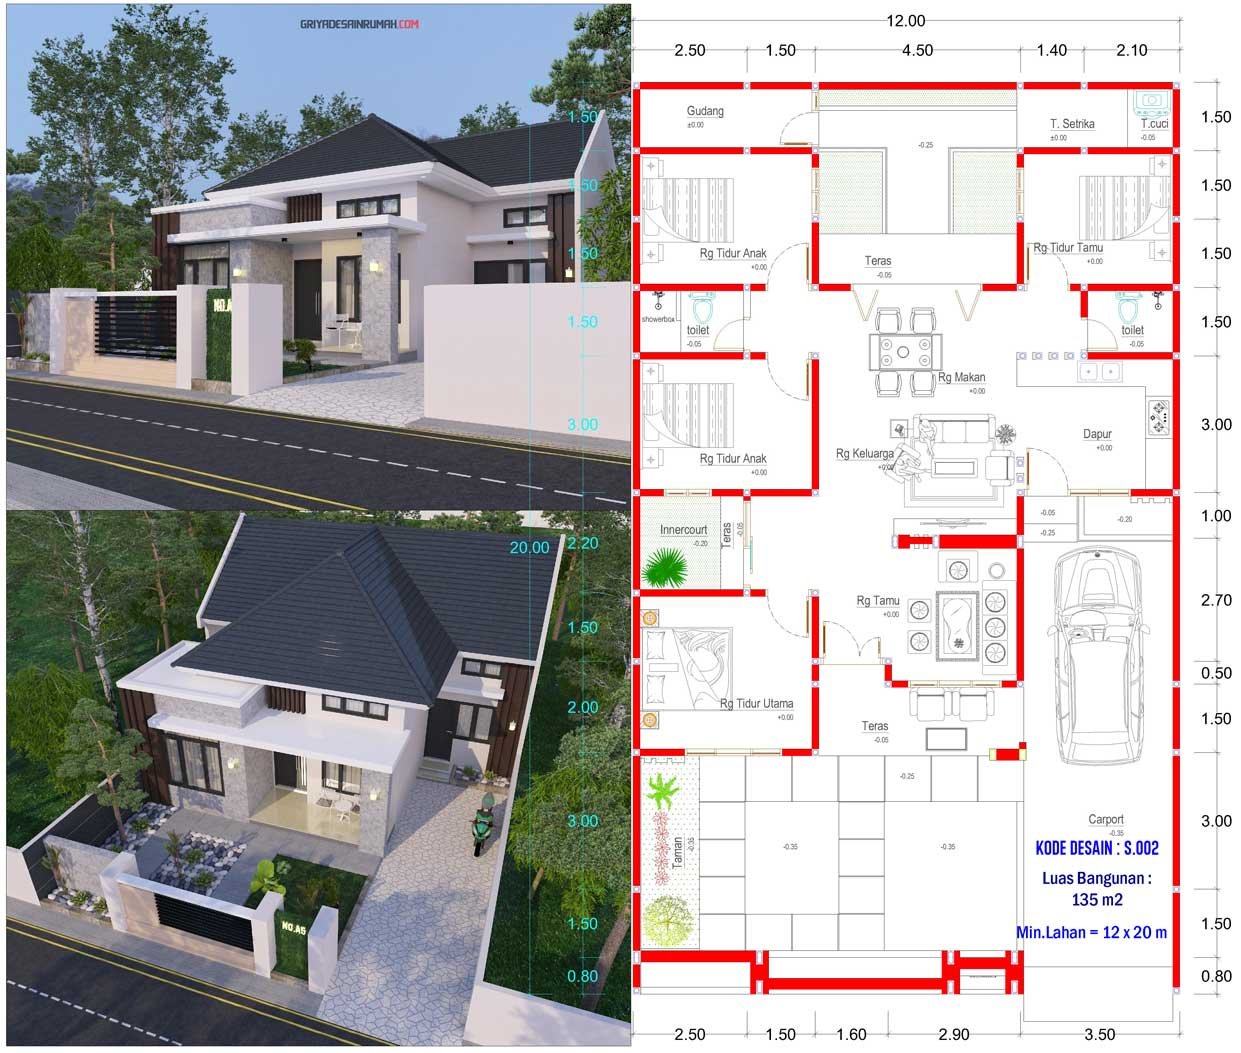 gambar denah rumah 1 lantai ukuran 12x20 meter 4 kamar tidur